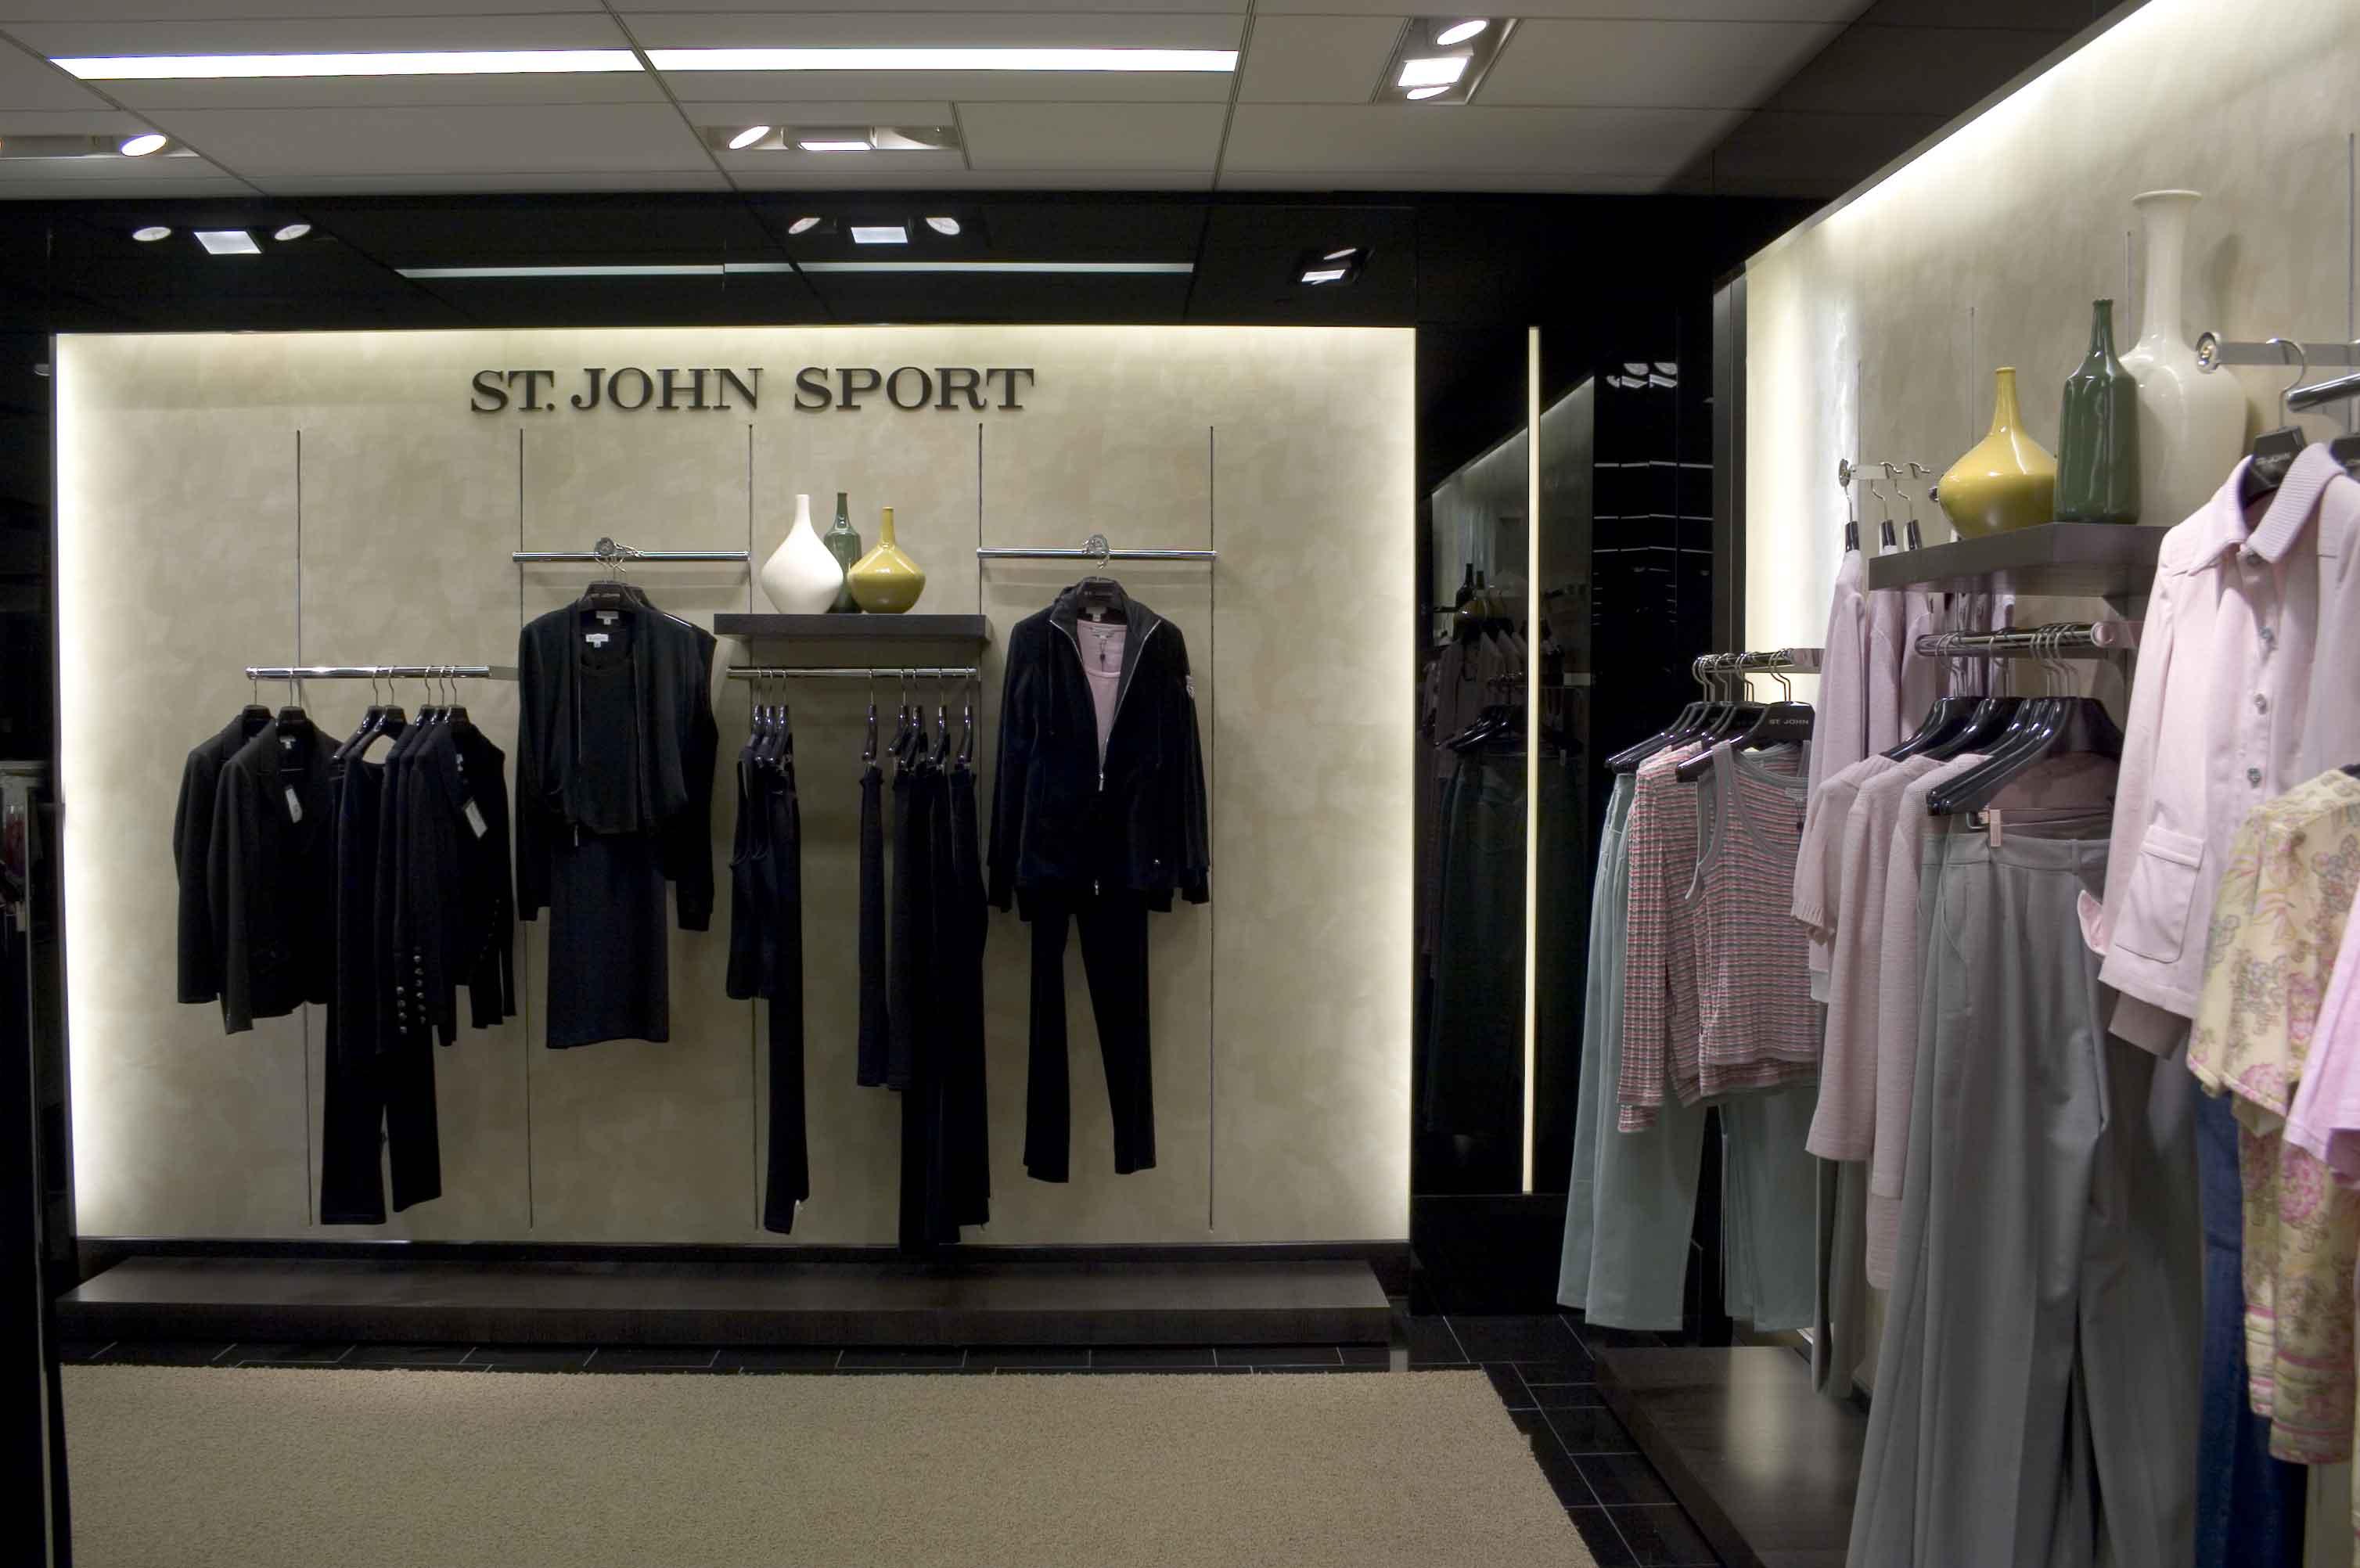 St John Sport